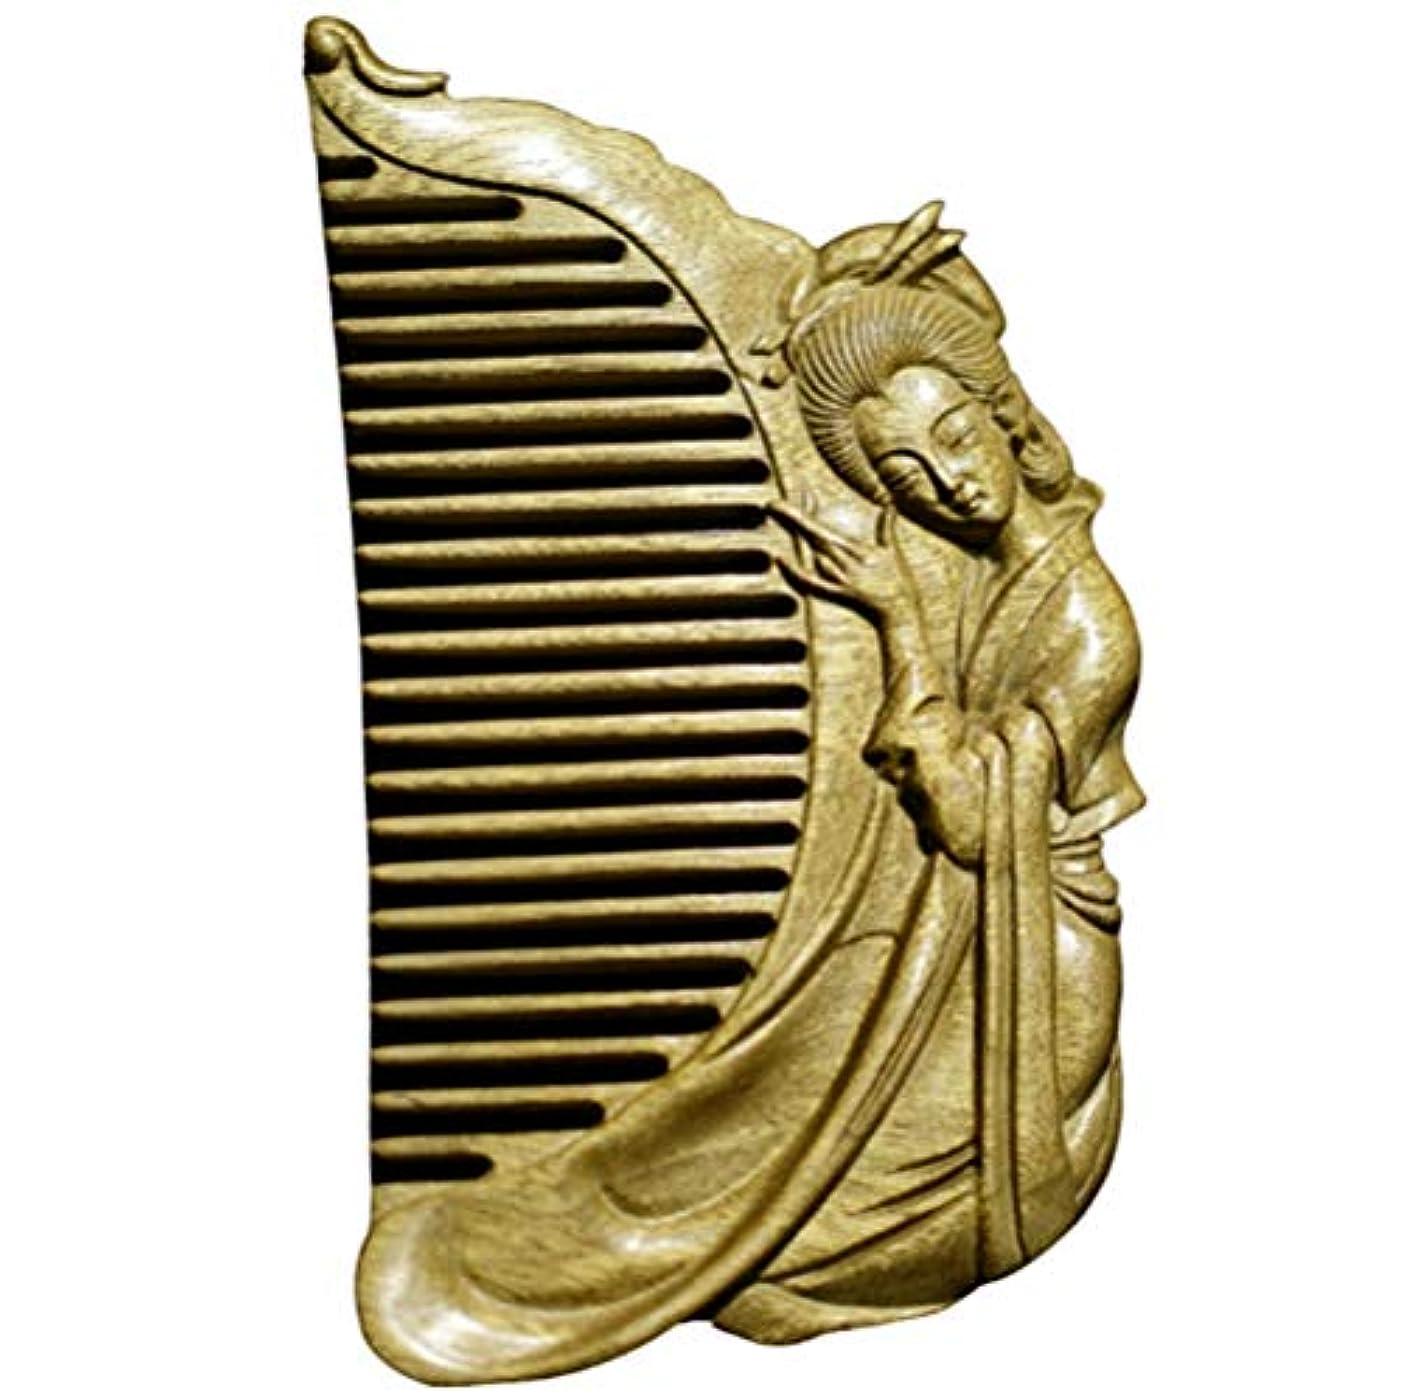 マーカー盆湿地Fashian手彫りの女性の櫛/黒檀の櫛は、母親と友達に送ることができます モデリングツール (色 : Wood)